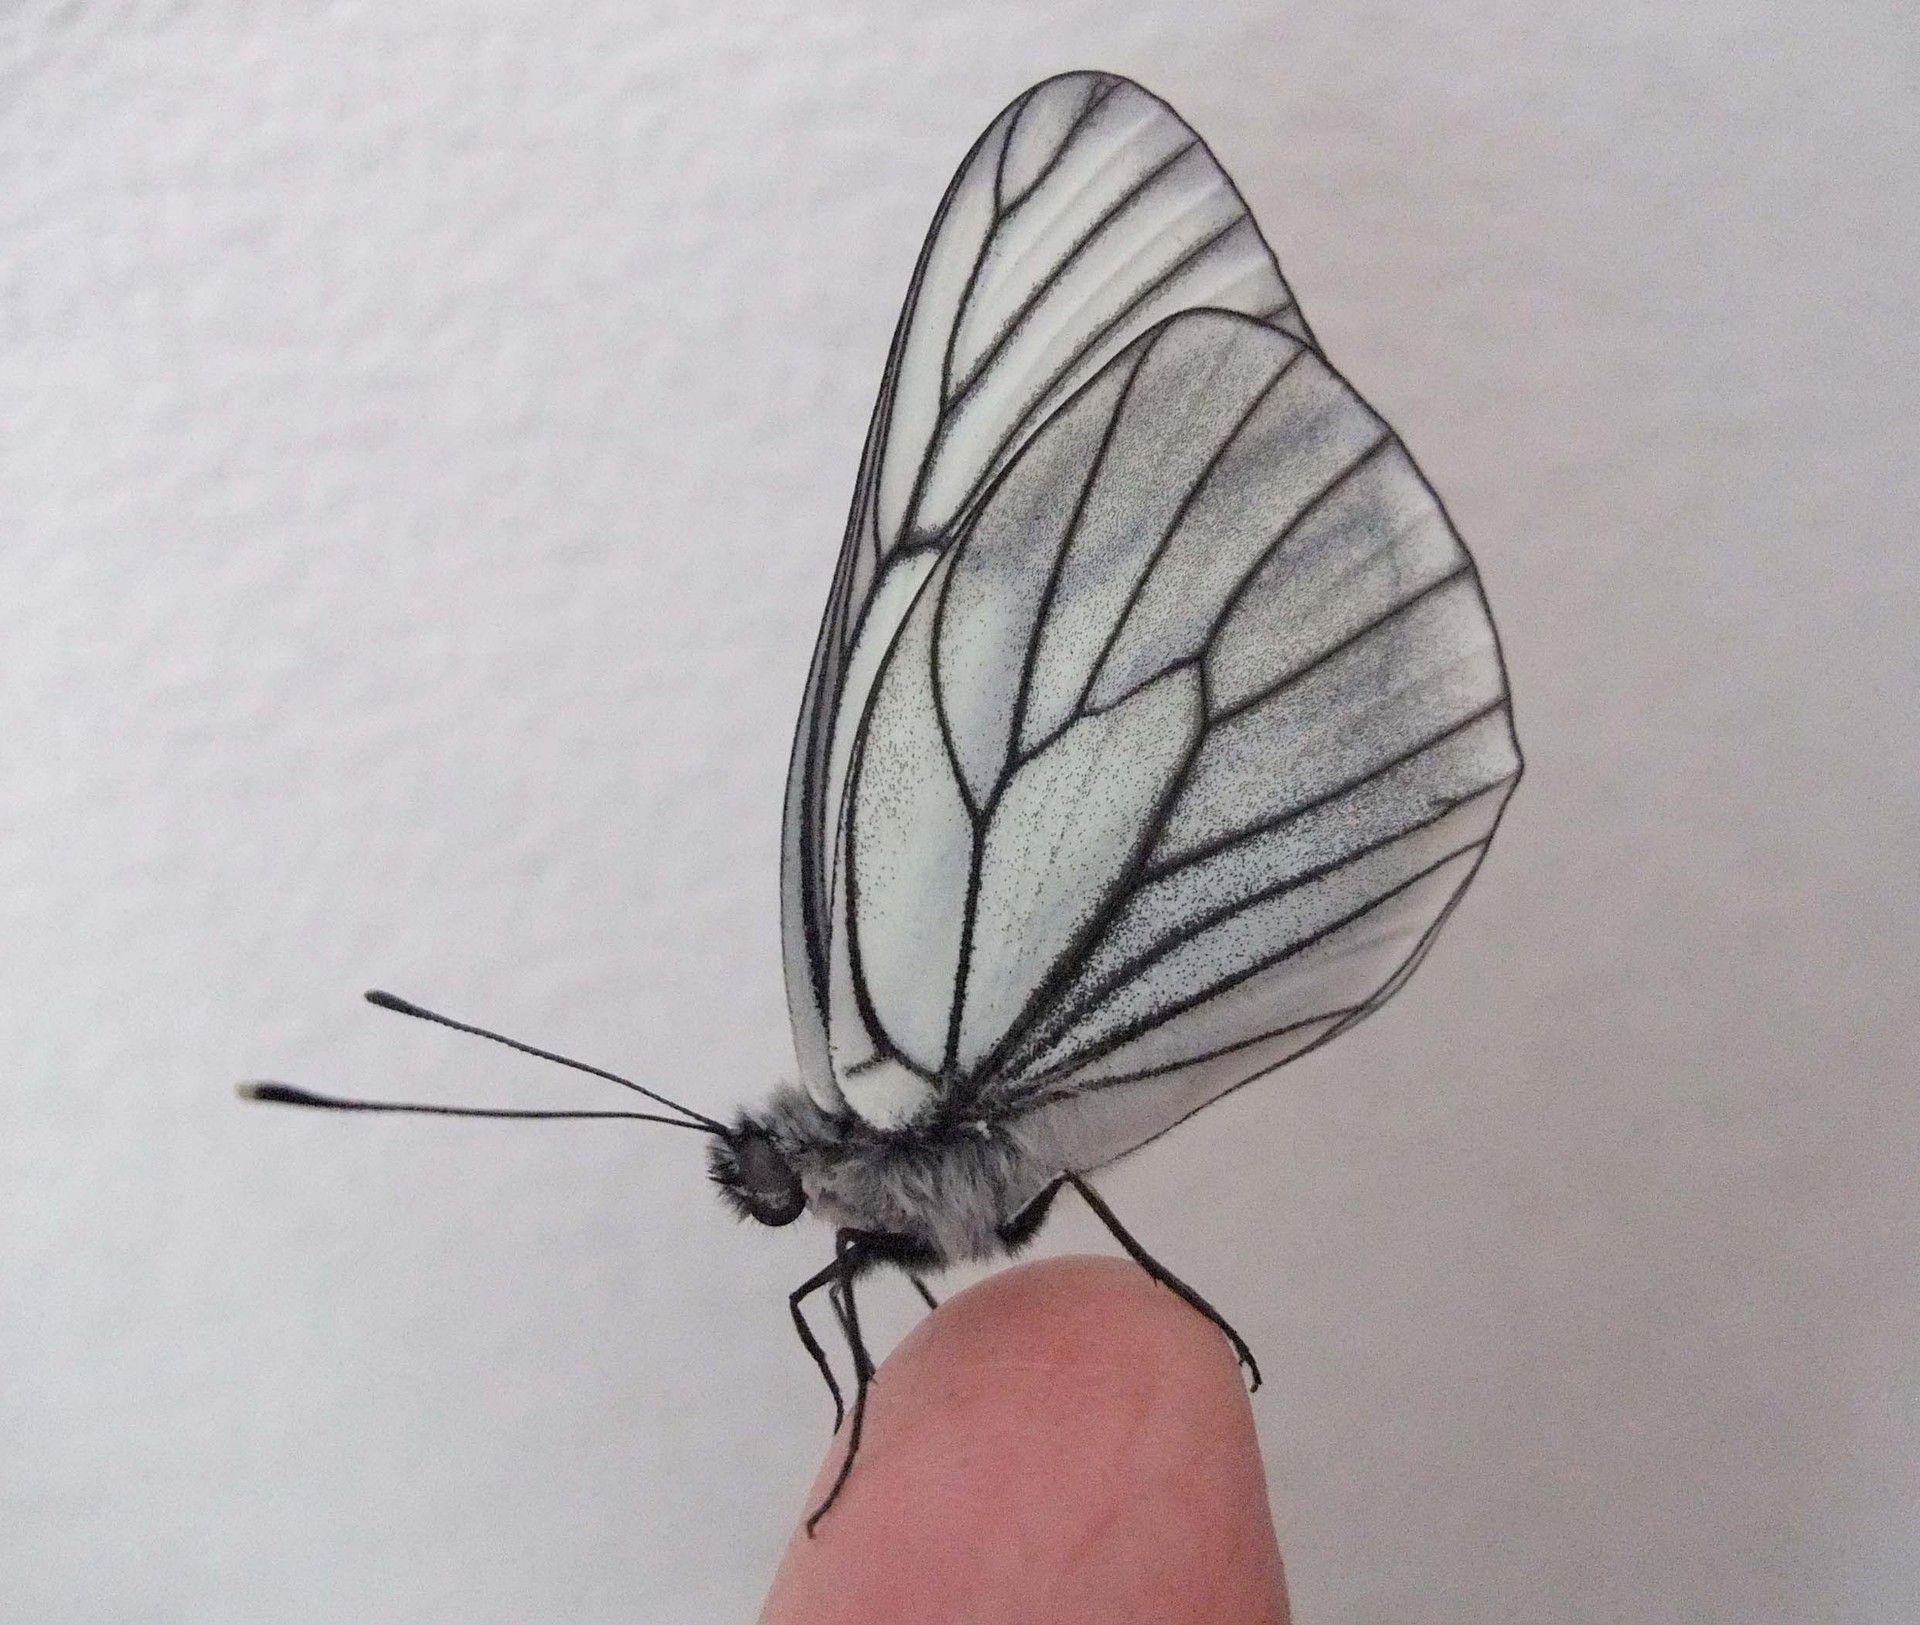 昆虫 羽根 の画像検索結果 セミ